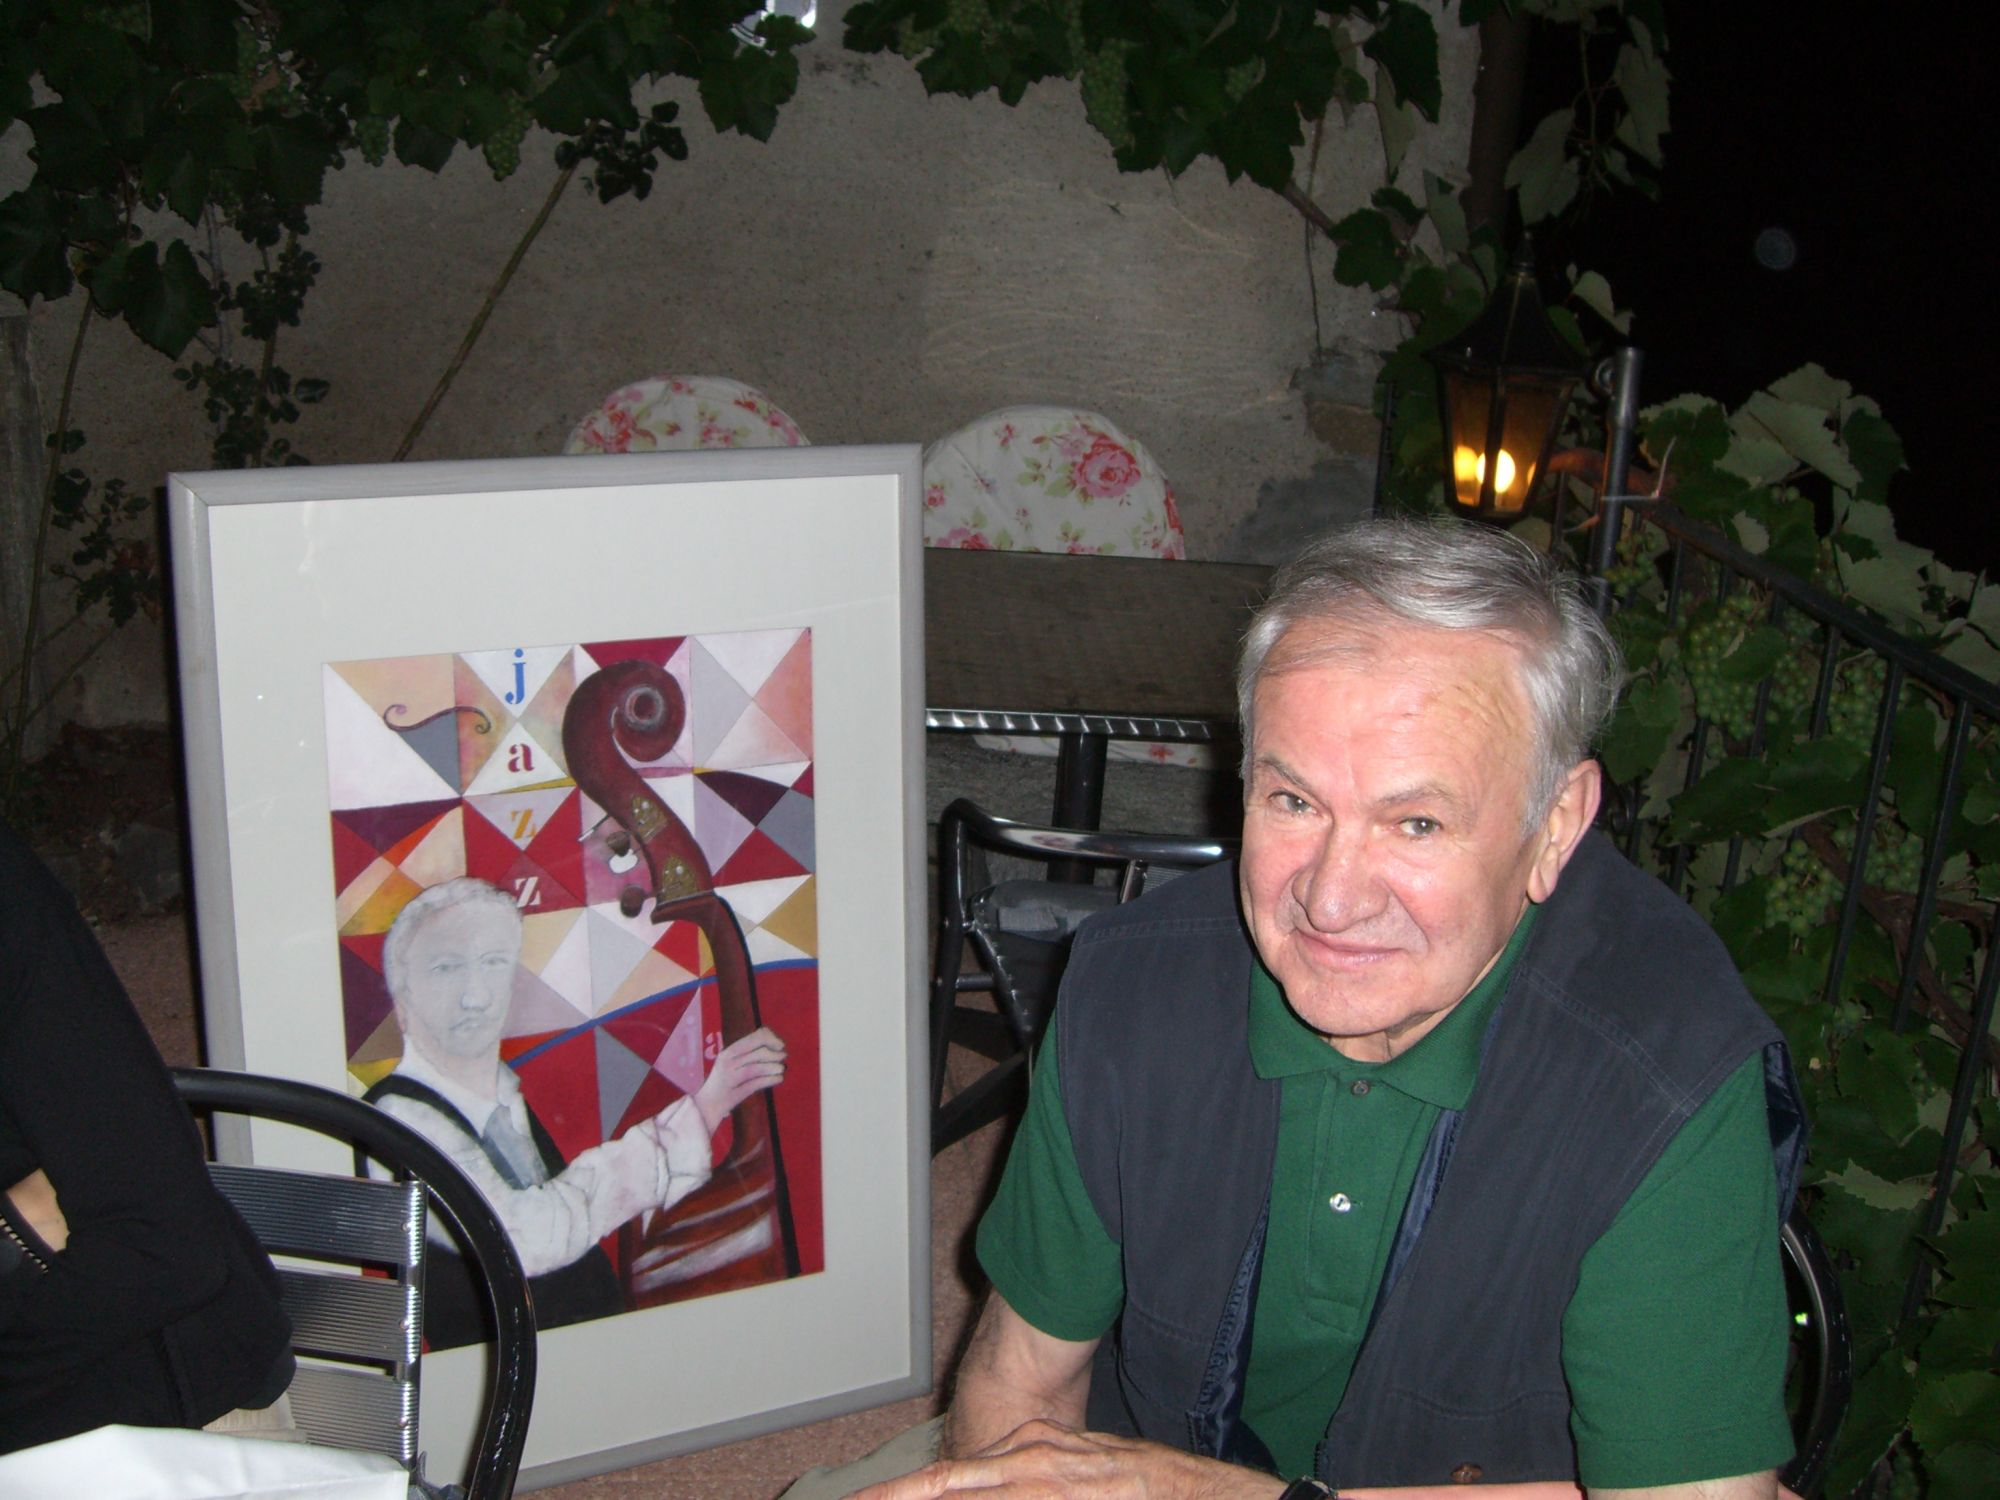 12.07.2007 - Osteria del Portico a Vernate - Luciano Gatti omaggiato con un'opera dell'artista Jean Marc Bühler